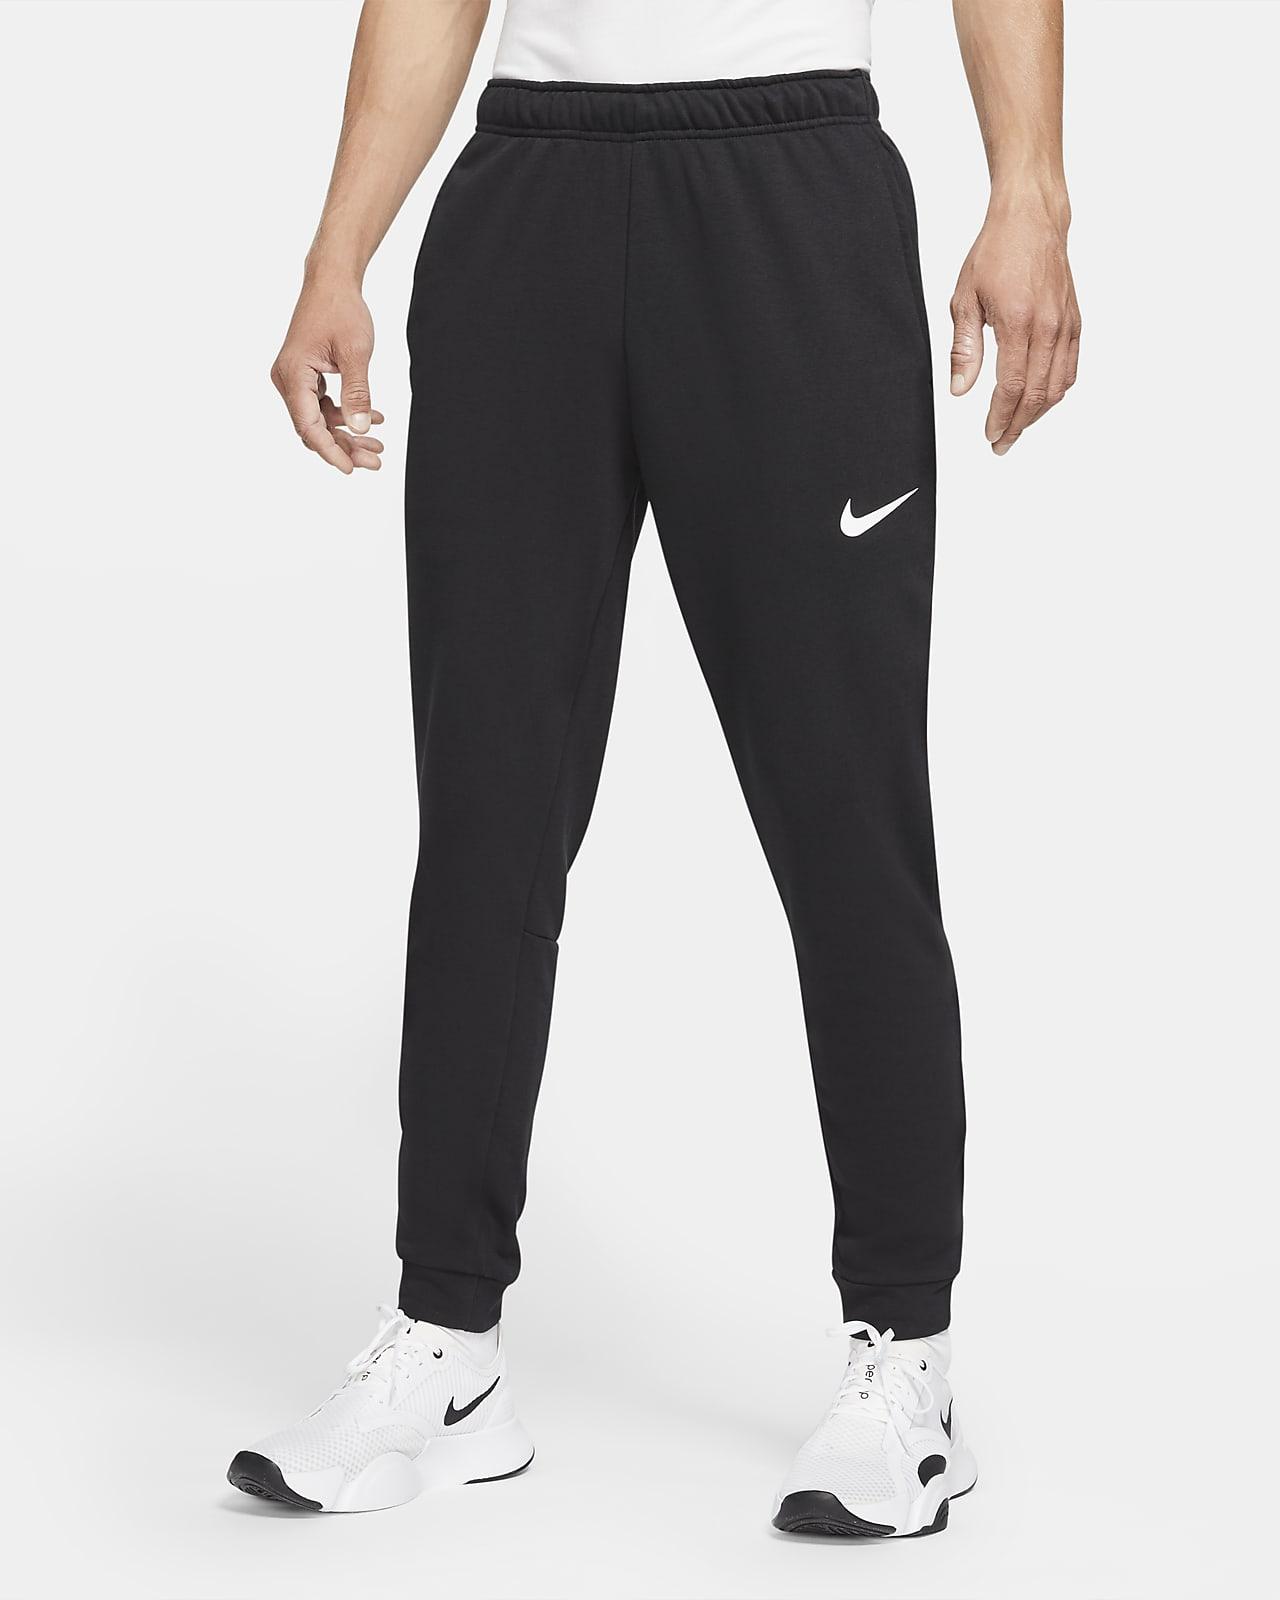 Ανδρικό παντελόνι προπόνησης που στενεύει προς τα κάτω Nike Dri-FIT